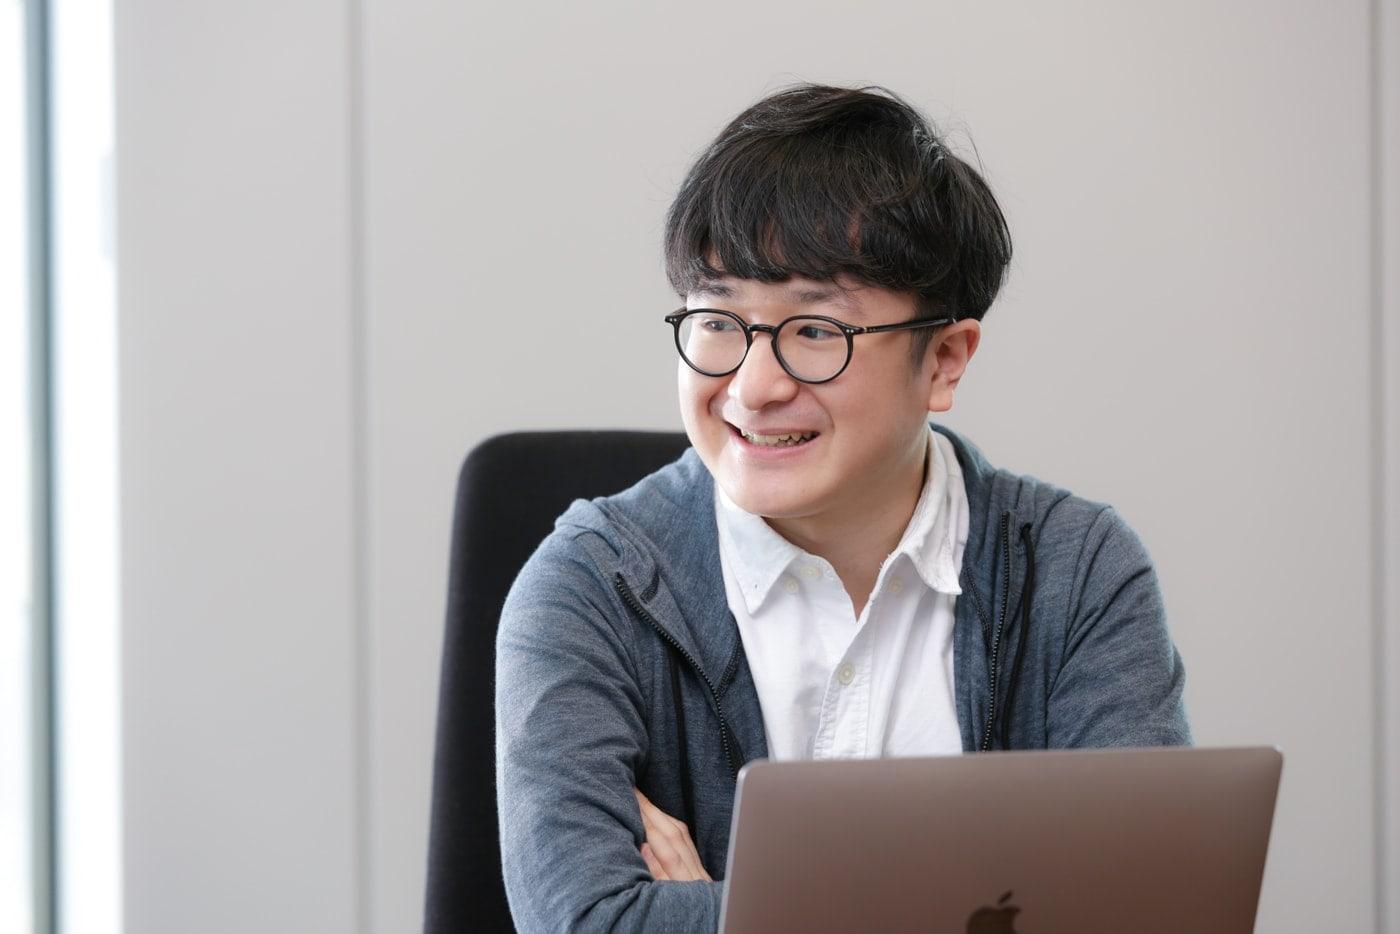 Ren Hirasawa, Gehirn Technical Analysis Division